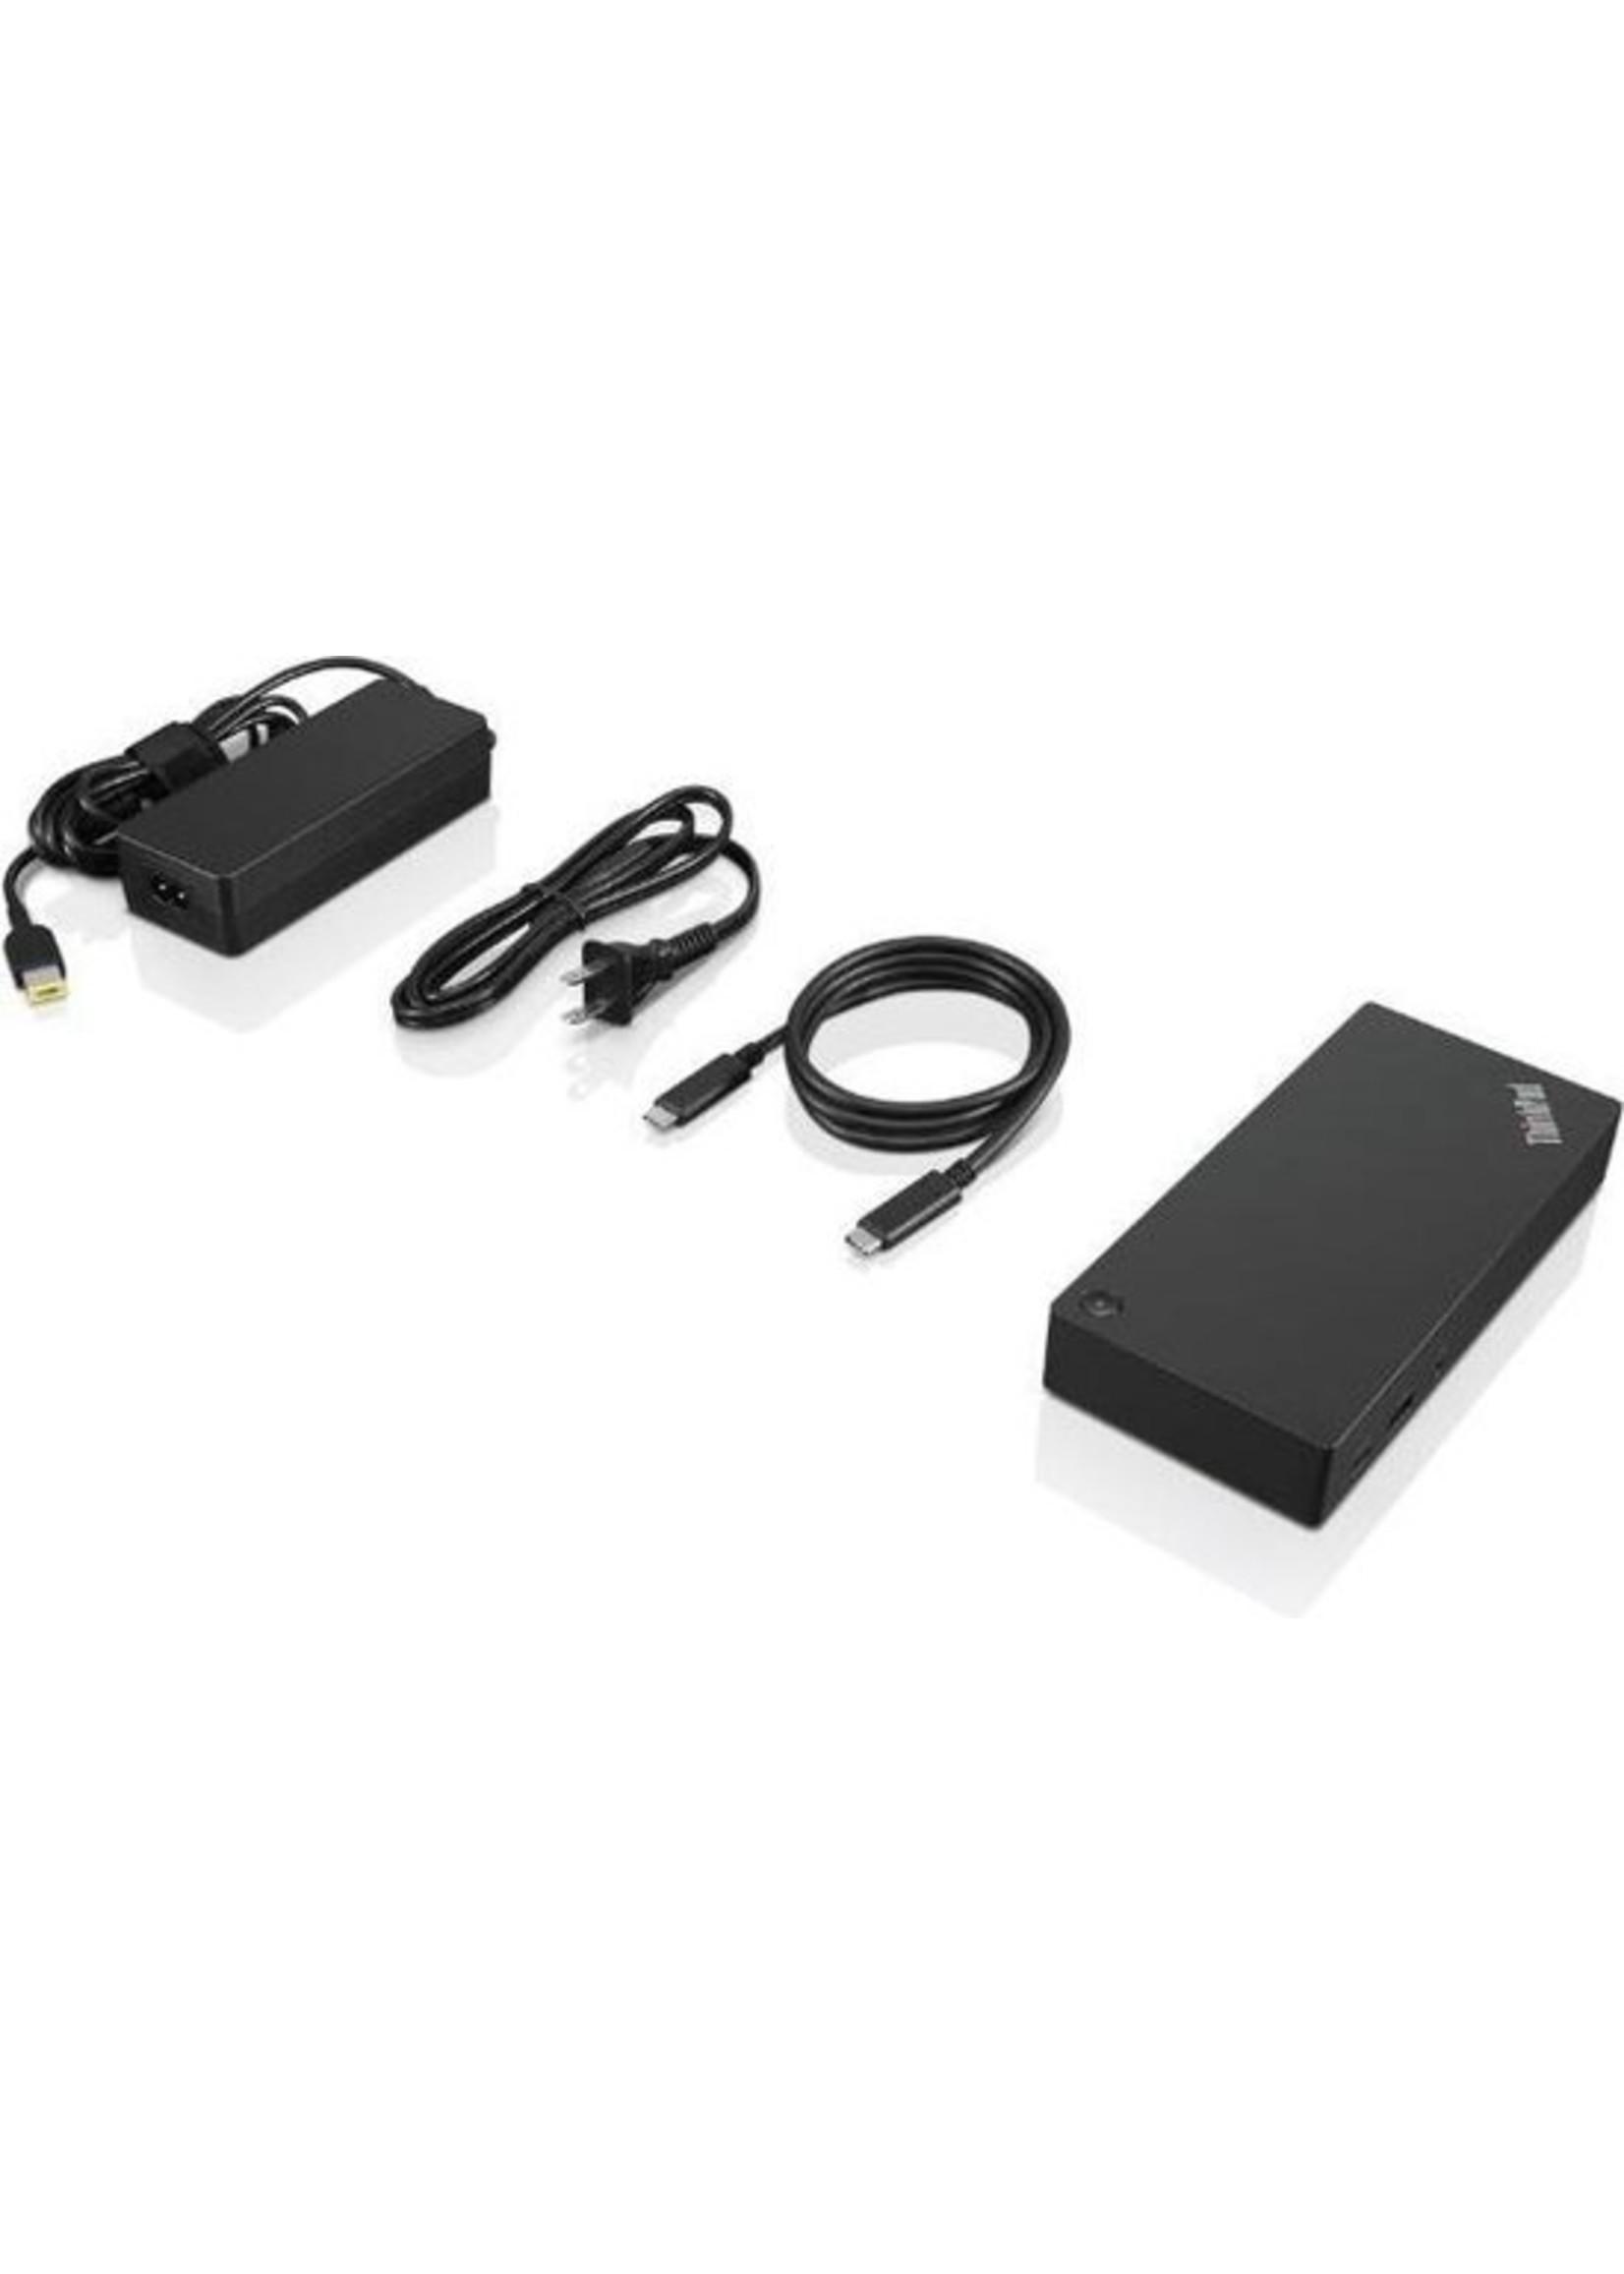 Lenovo ThinkPad USB-C Dock Gen 2 - EU